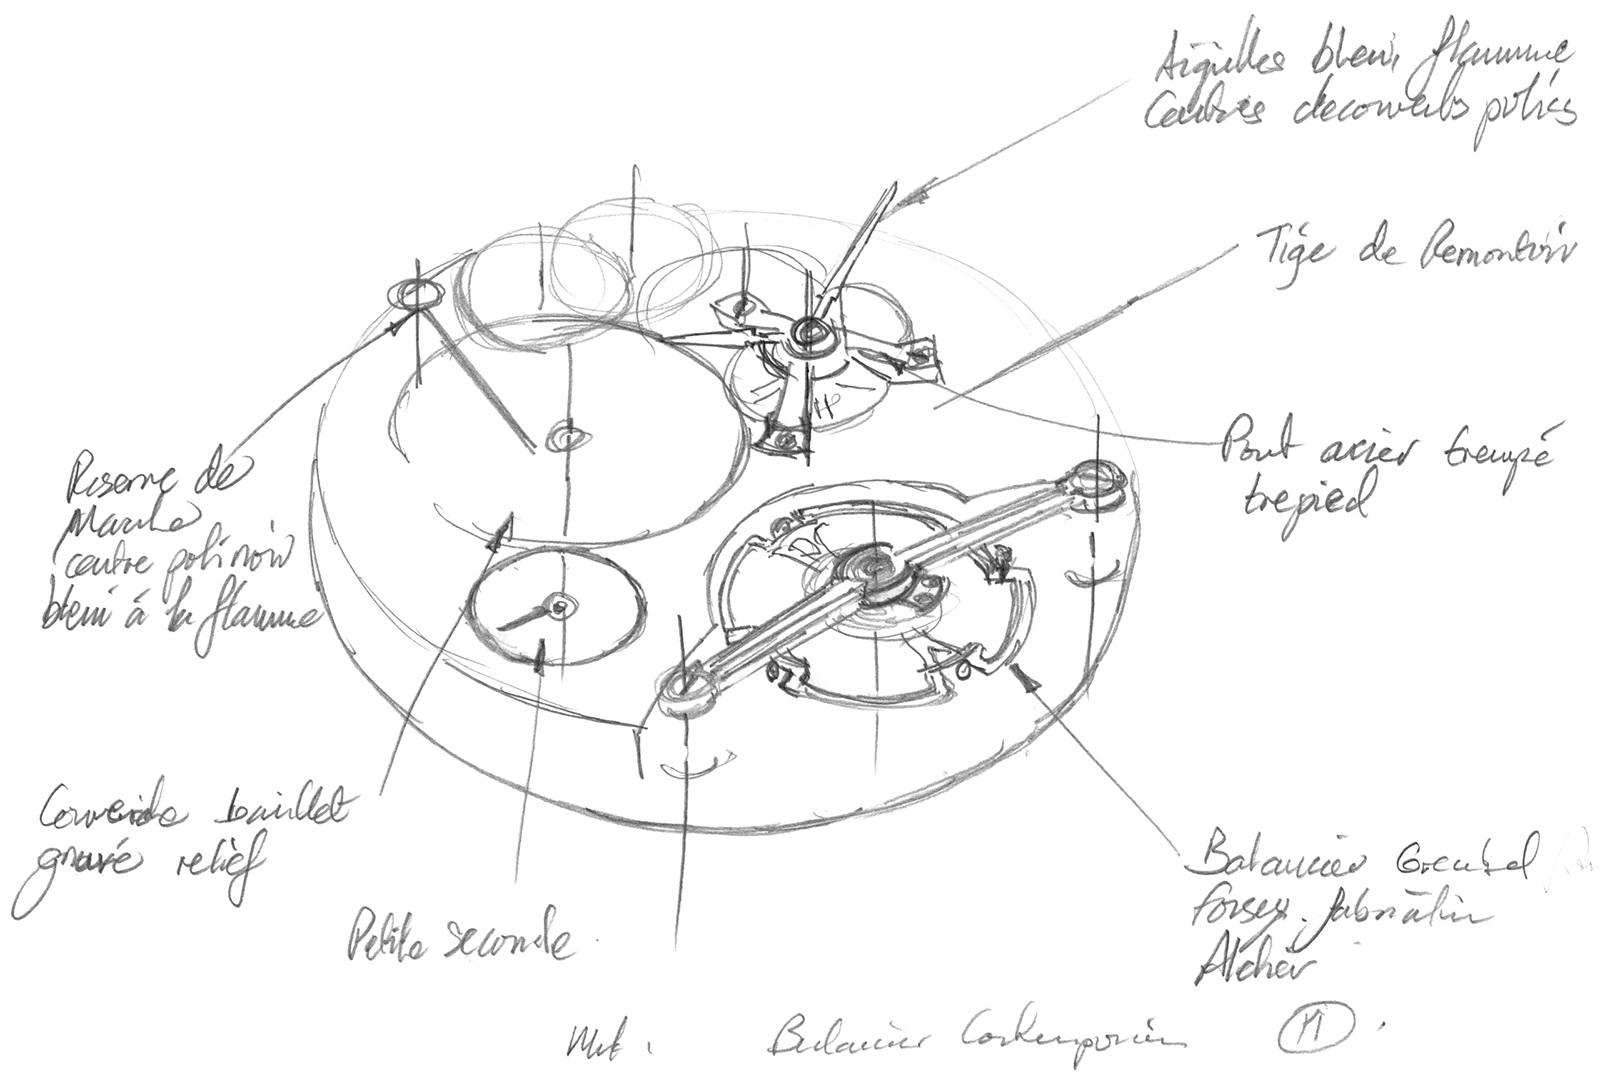 Greubel-Forsey-Balancier-Contemporain-4